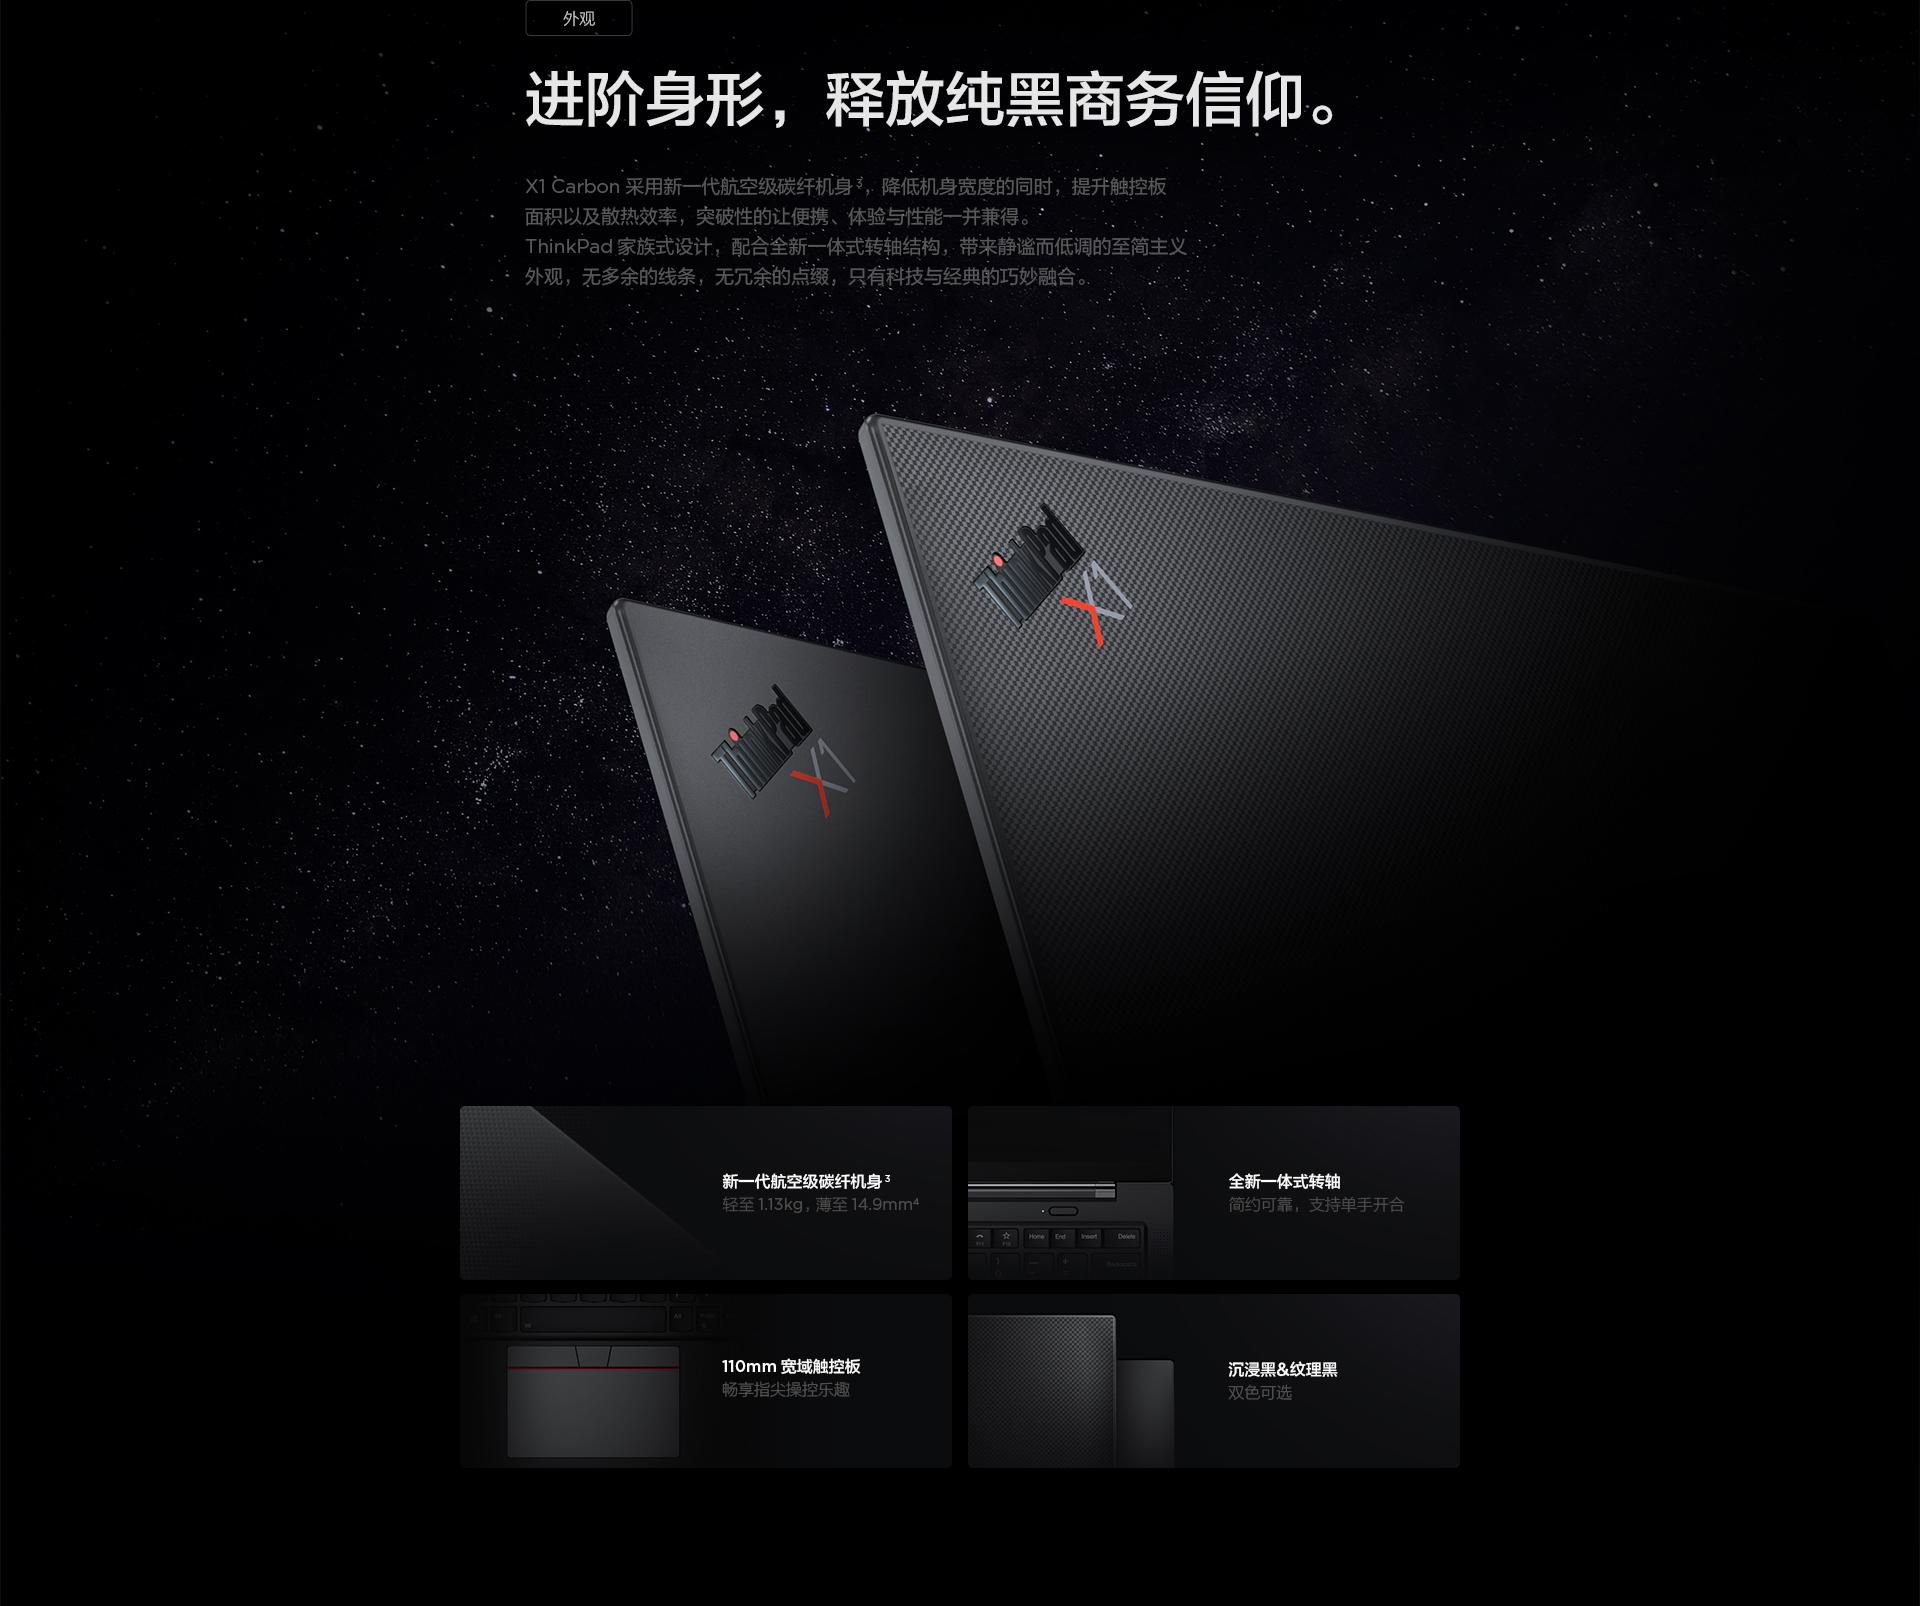 2021款ThinkPad X1 Carbon图片